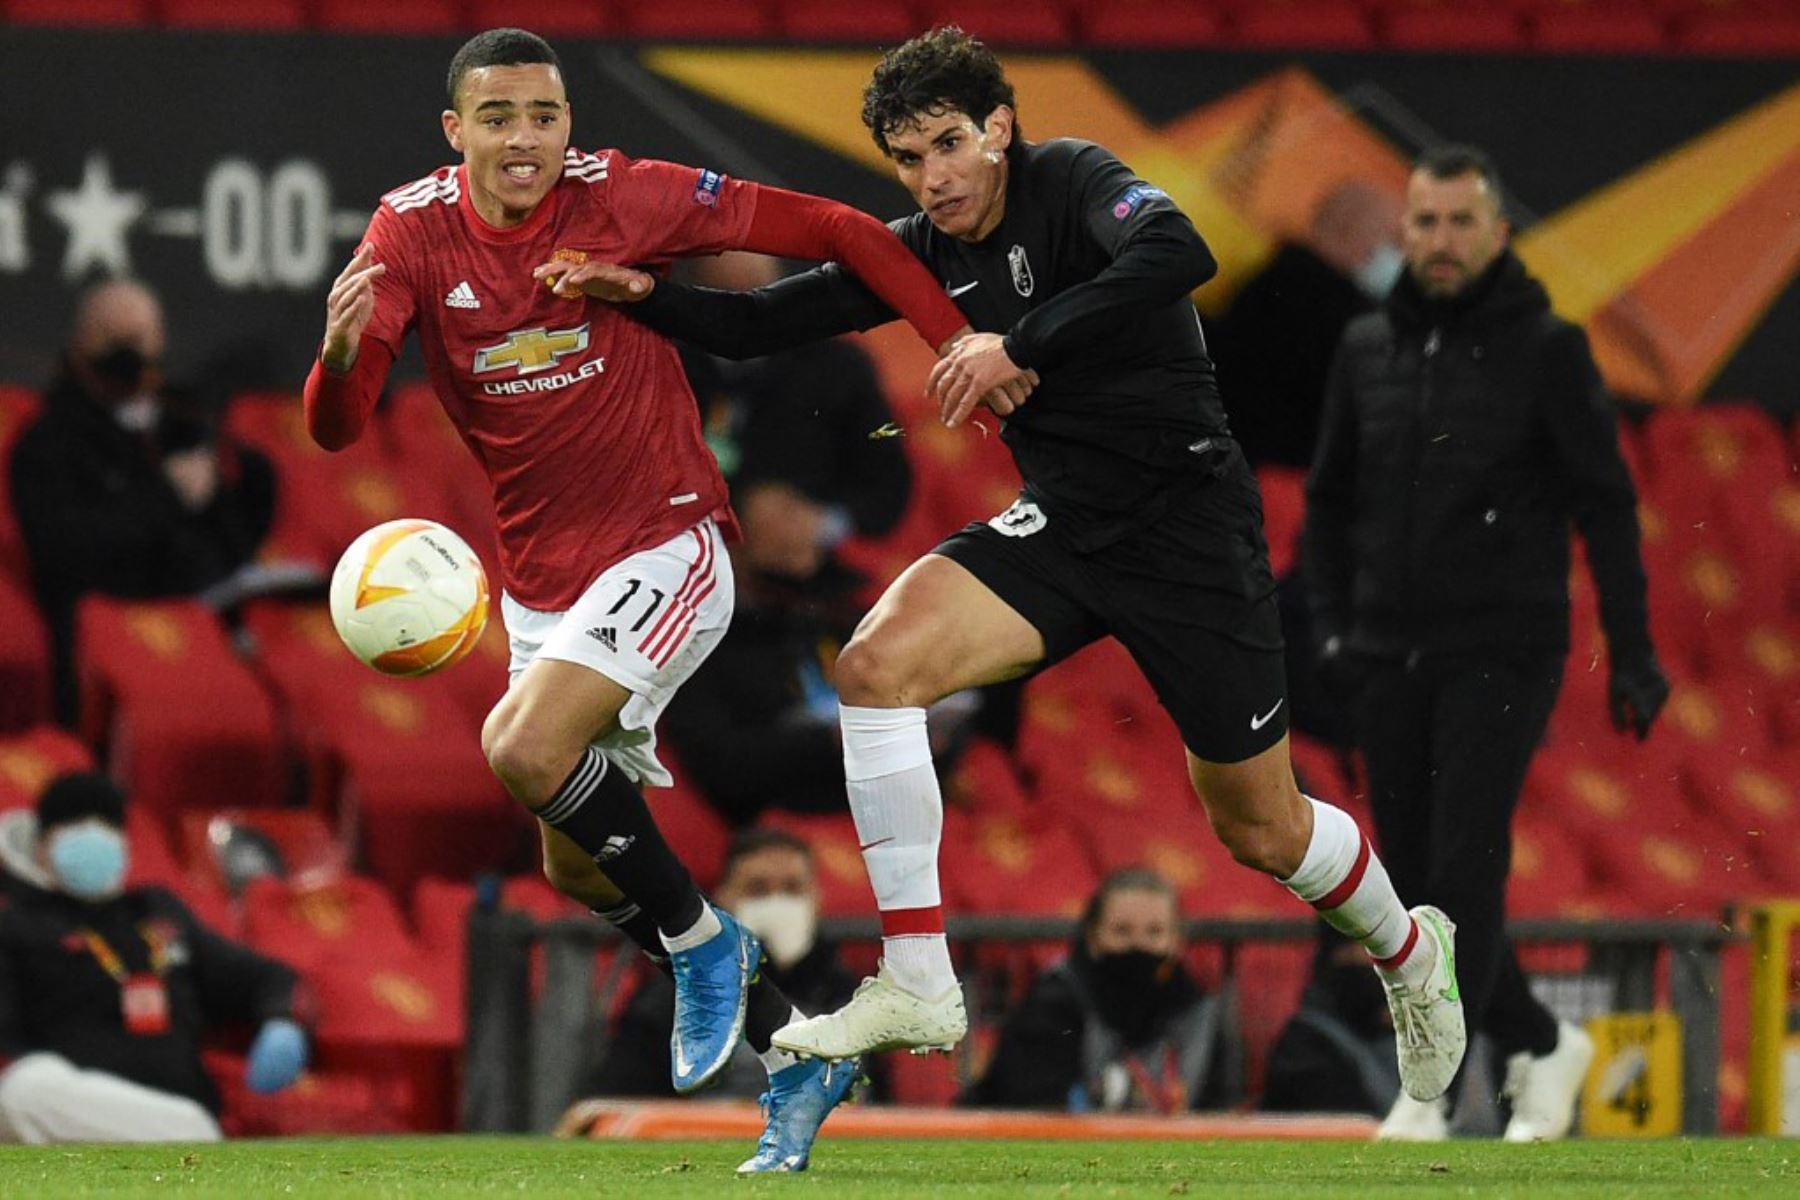 El delantero inglés del Manchester United, Mason Greenwood (L), compite con el defensa español del Granada Jesús Vallejo (R) durante los cuartos de final de la UEFA Europa League, el segundo partido de fútbol entre el Manchester United y el Granada.  Foto:AFP